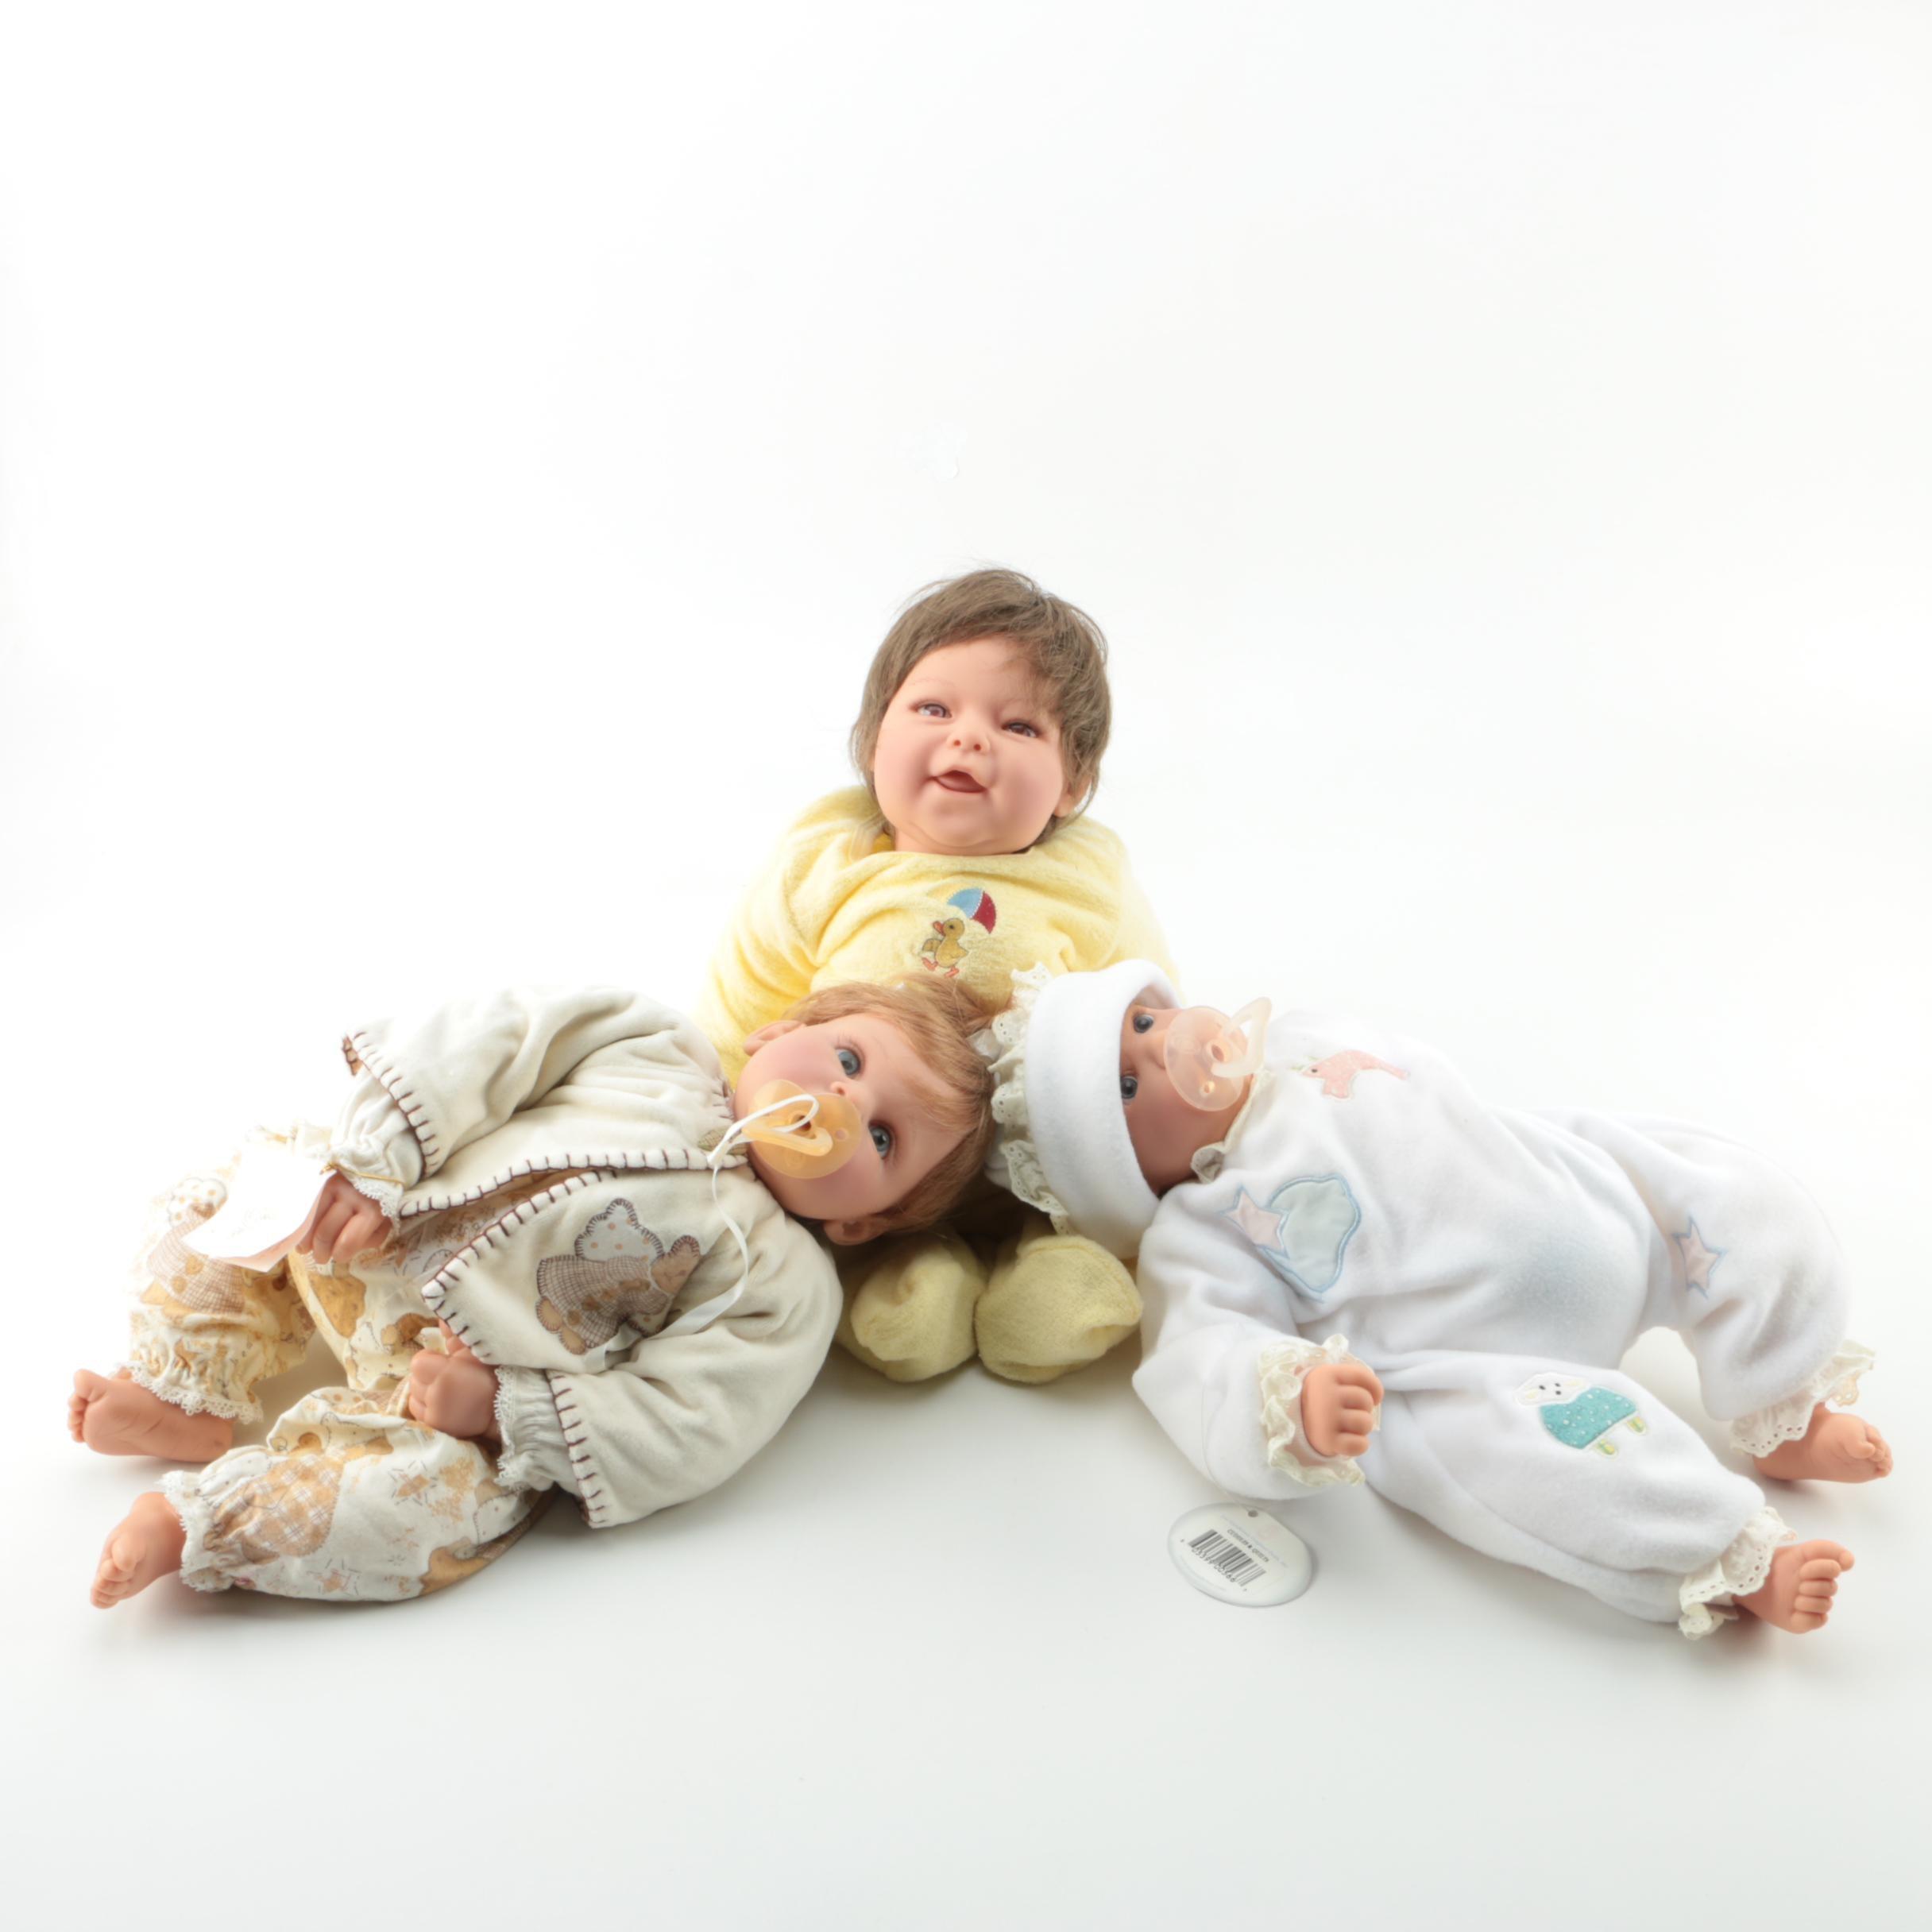 Lee Middleton Vinyl Baby Dolls by Reva Schick